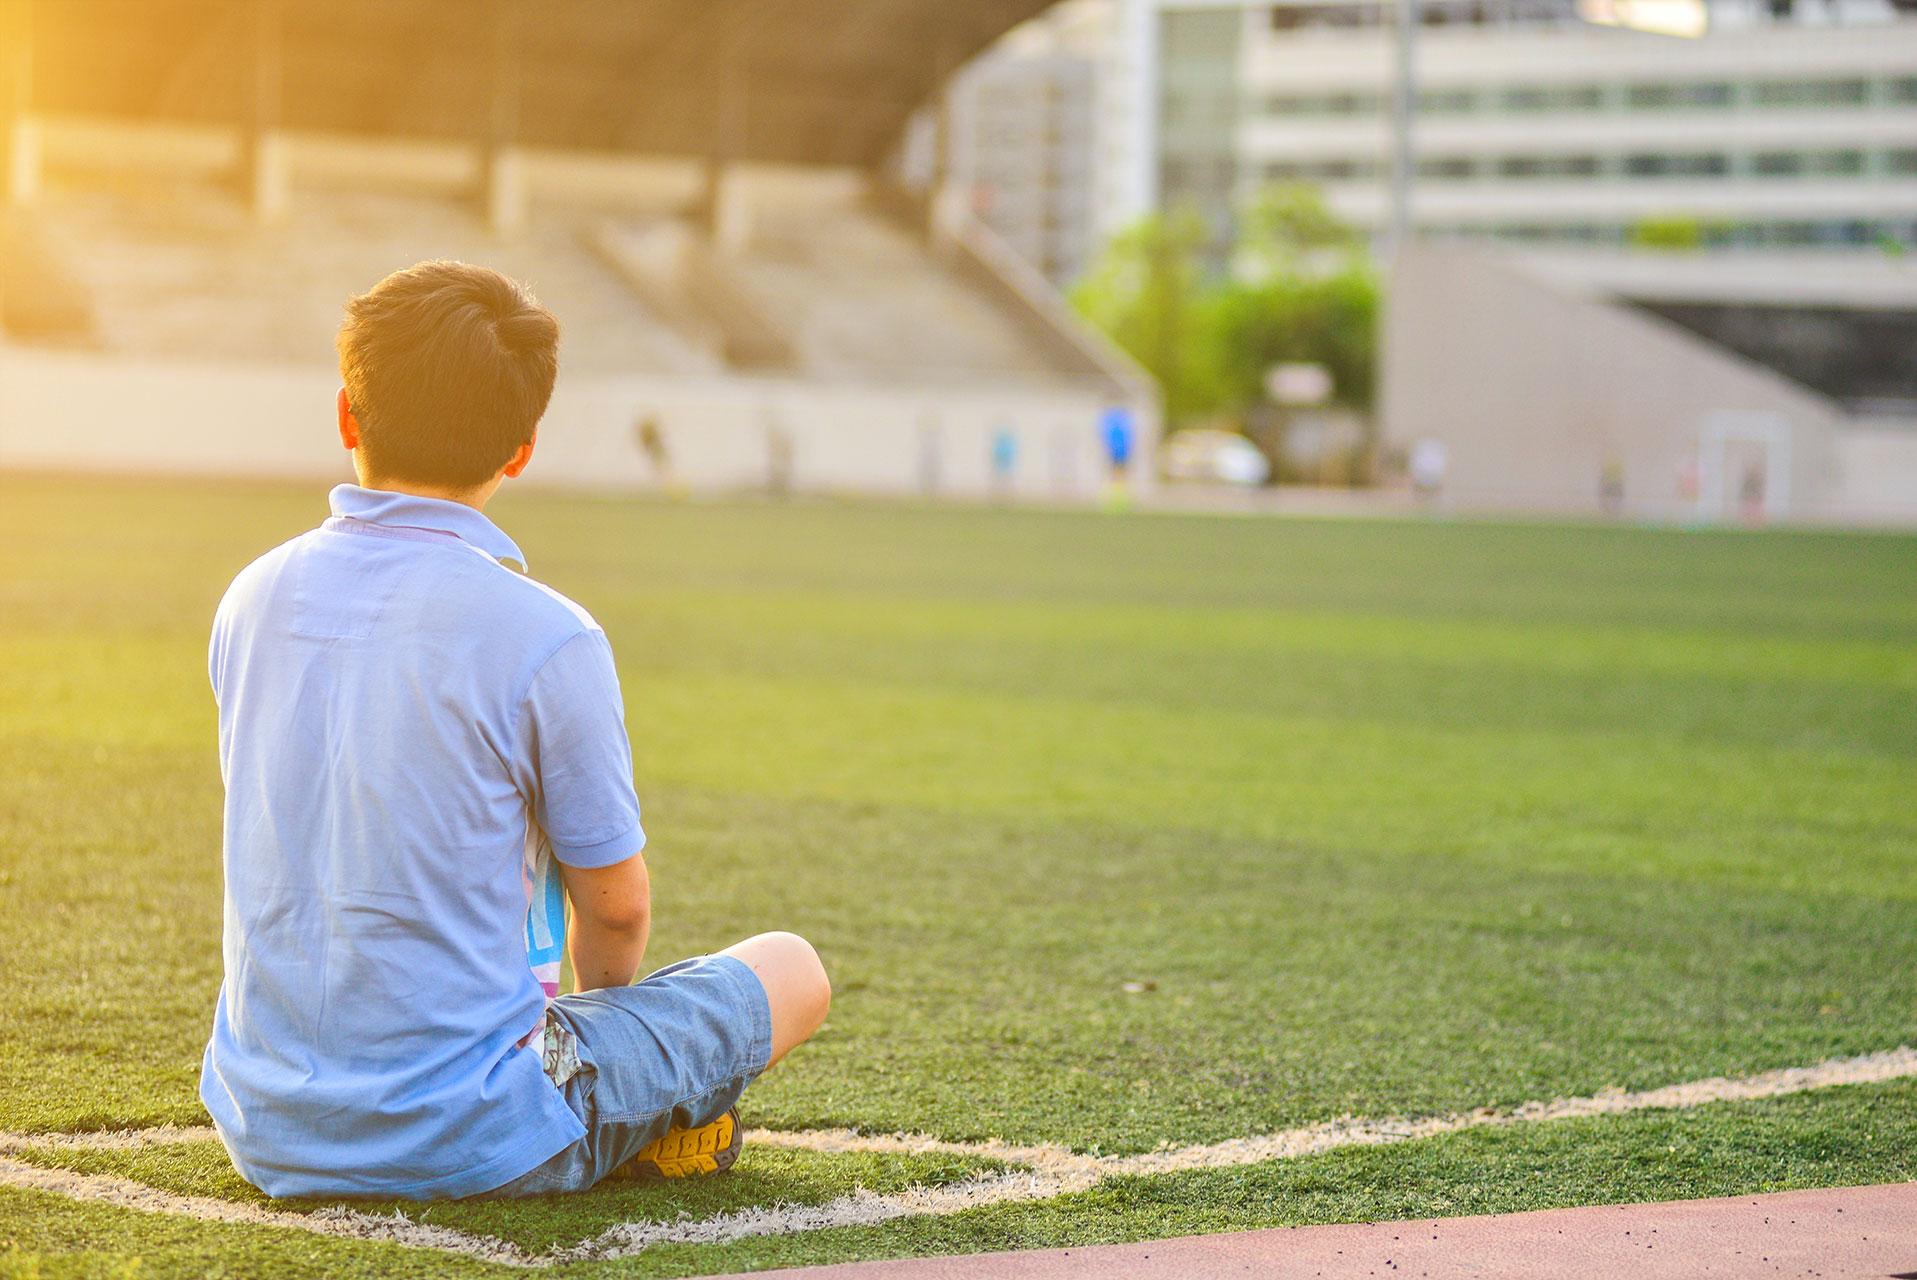 Sobre o Futebol